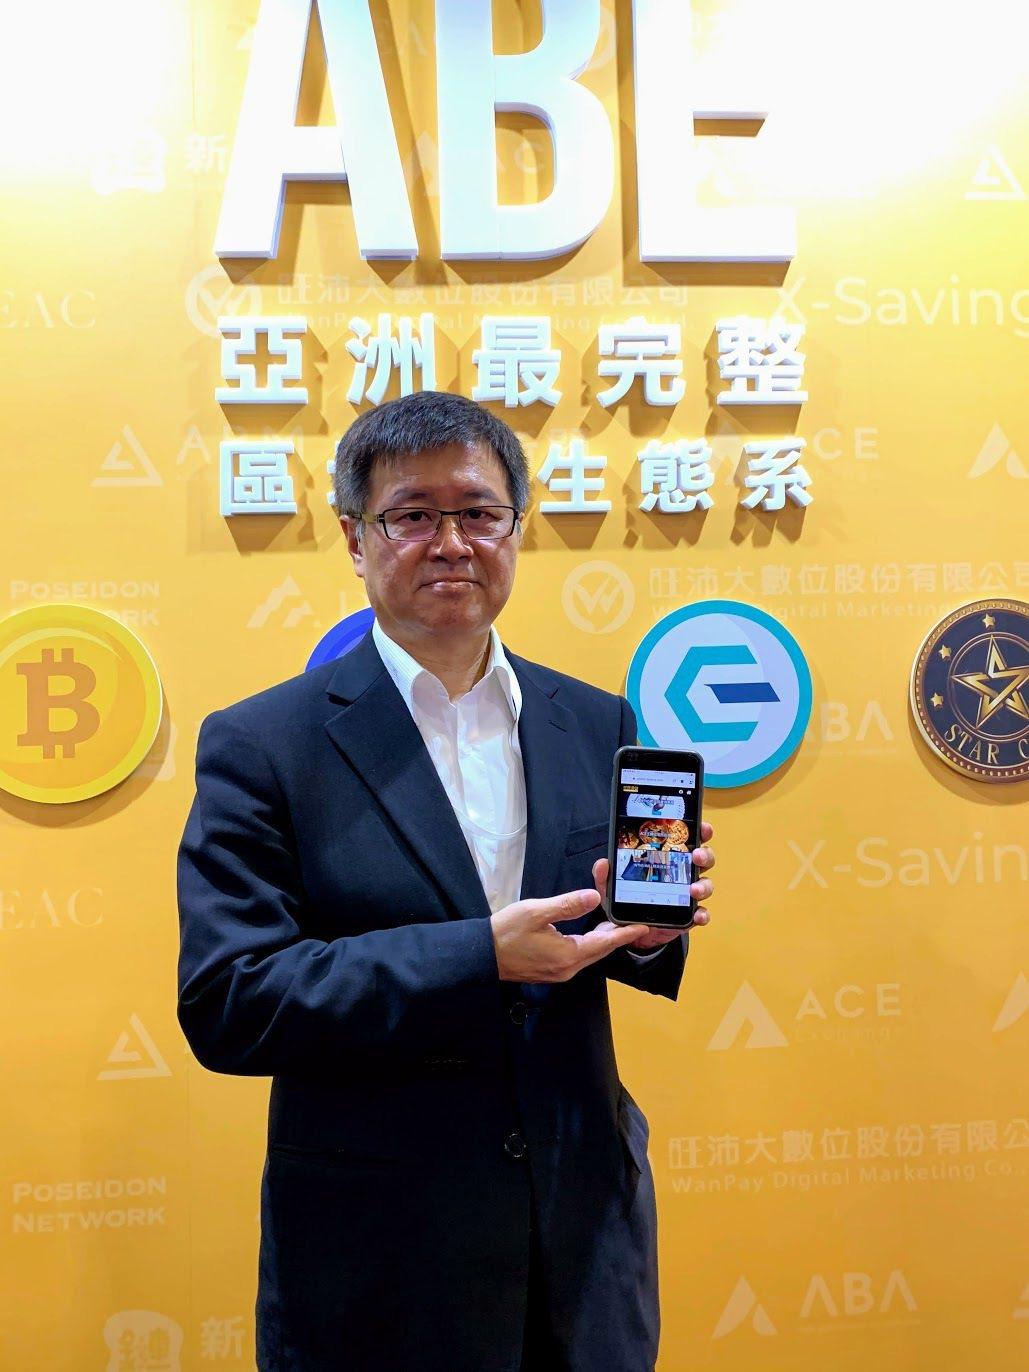 世界通儲平台WTNS董事黃鼎鈞表示,市場上有一個新的產業鏈,將數位貨幣以易貨的模...